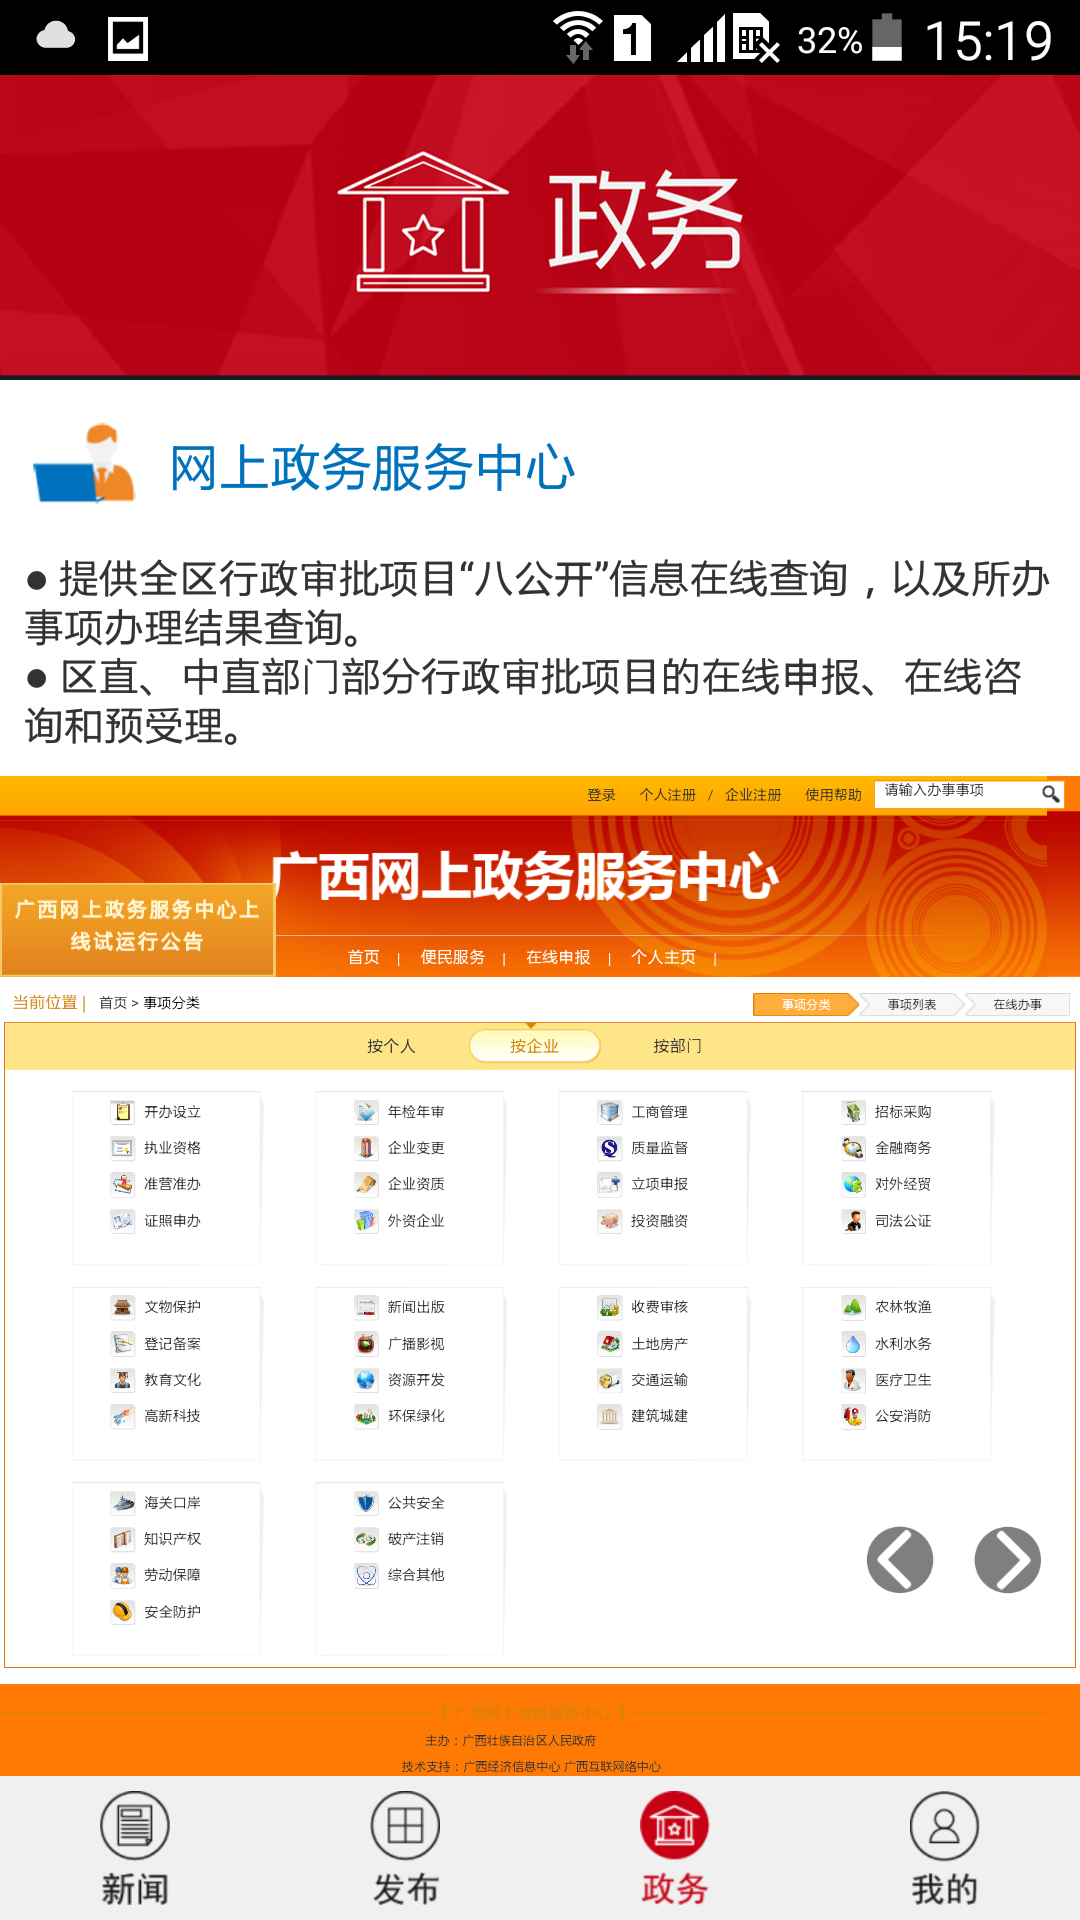 广西日报截图4